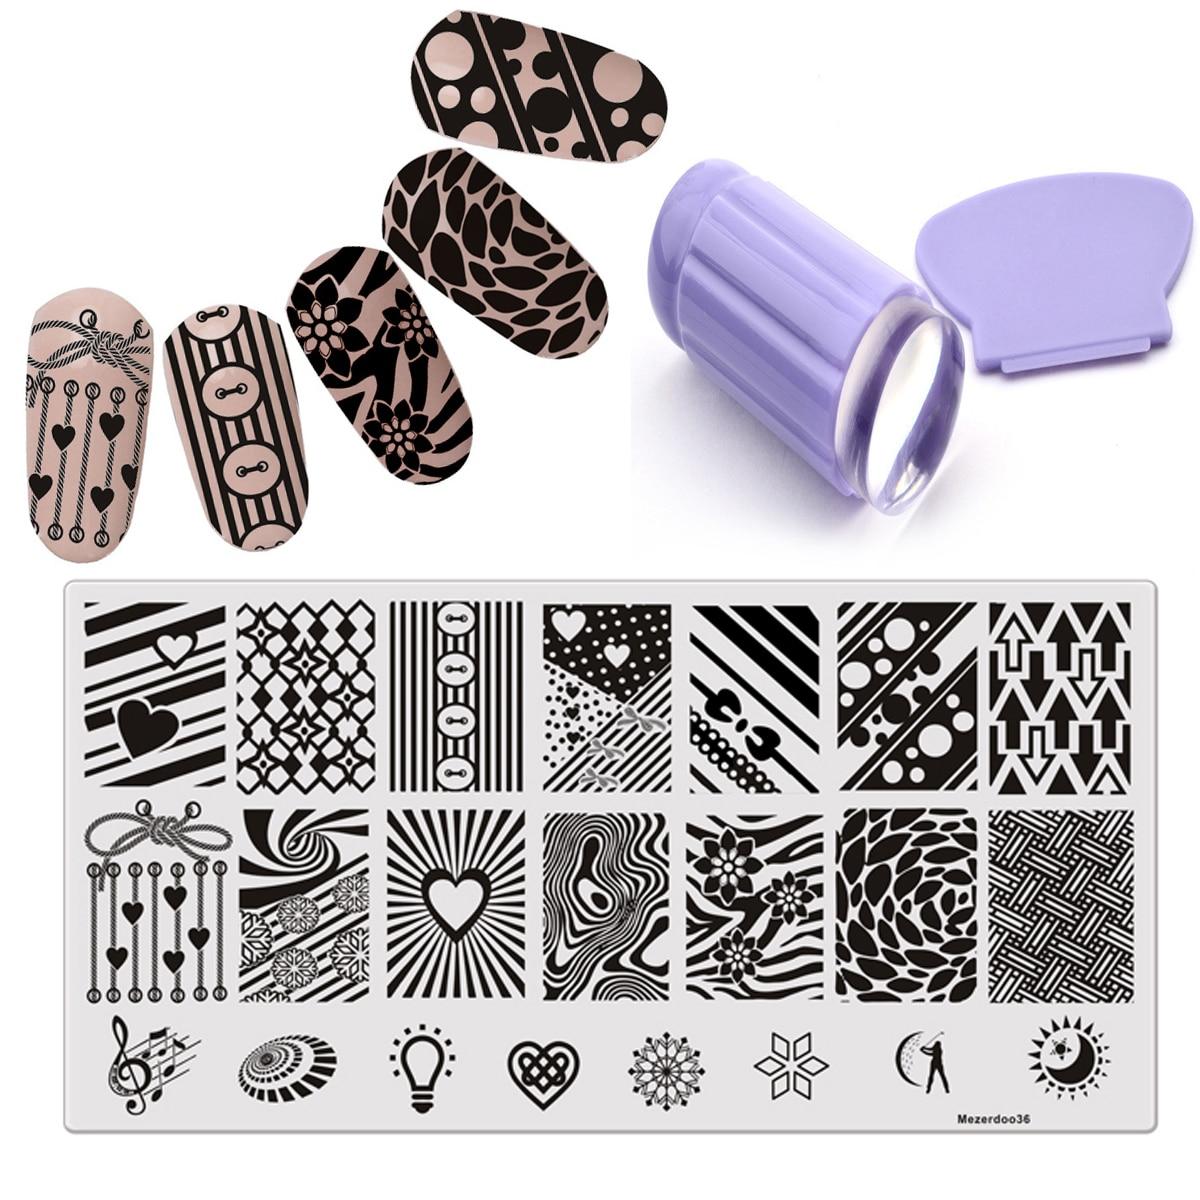 Flor Sirena Estampado Nail Art Stencil DIY Imagen Clavo Stamper Plate - Arte de uñas